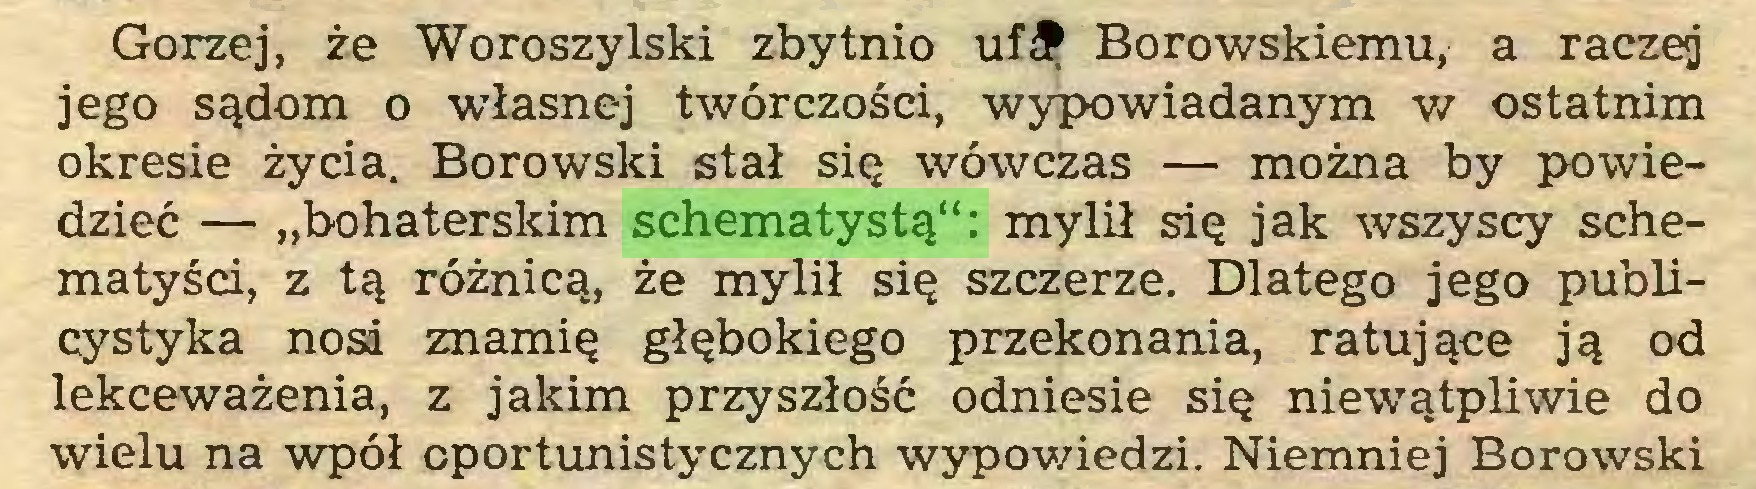 """(...) Gorzej, że Woroszylski zbytnio uf£ Borowskiemu, a raczej jego sądom o własnej twórczości, wypowiadanym w ostatnim okresie życia. Borowski stał się wówczas — można by powiedzieć — """"bohaterskim schematystą"""": mylił się jak wszyscy schematyści, z tą różnicą, że mylił się szczerze. Dlatego jego publicystyka nosa znamię głębokiego przekonania, ratujące ją od lekceważenia, z jakim przyszłość odniesie się niewątpliwie do wielu na wpół cportunistycznych wypowiedzi. Niemniej Borowski..."""